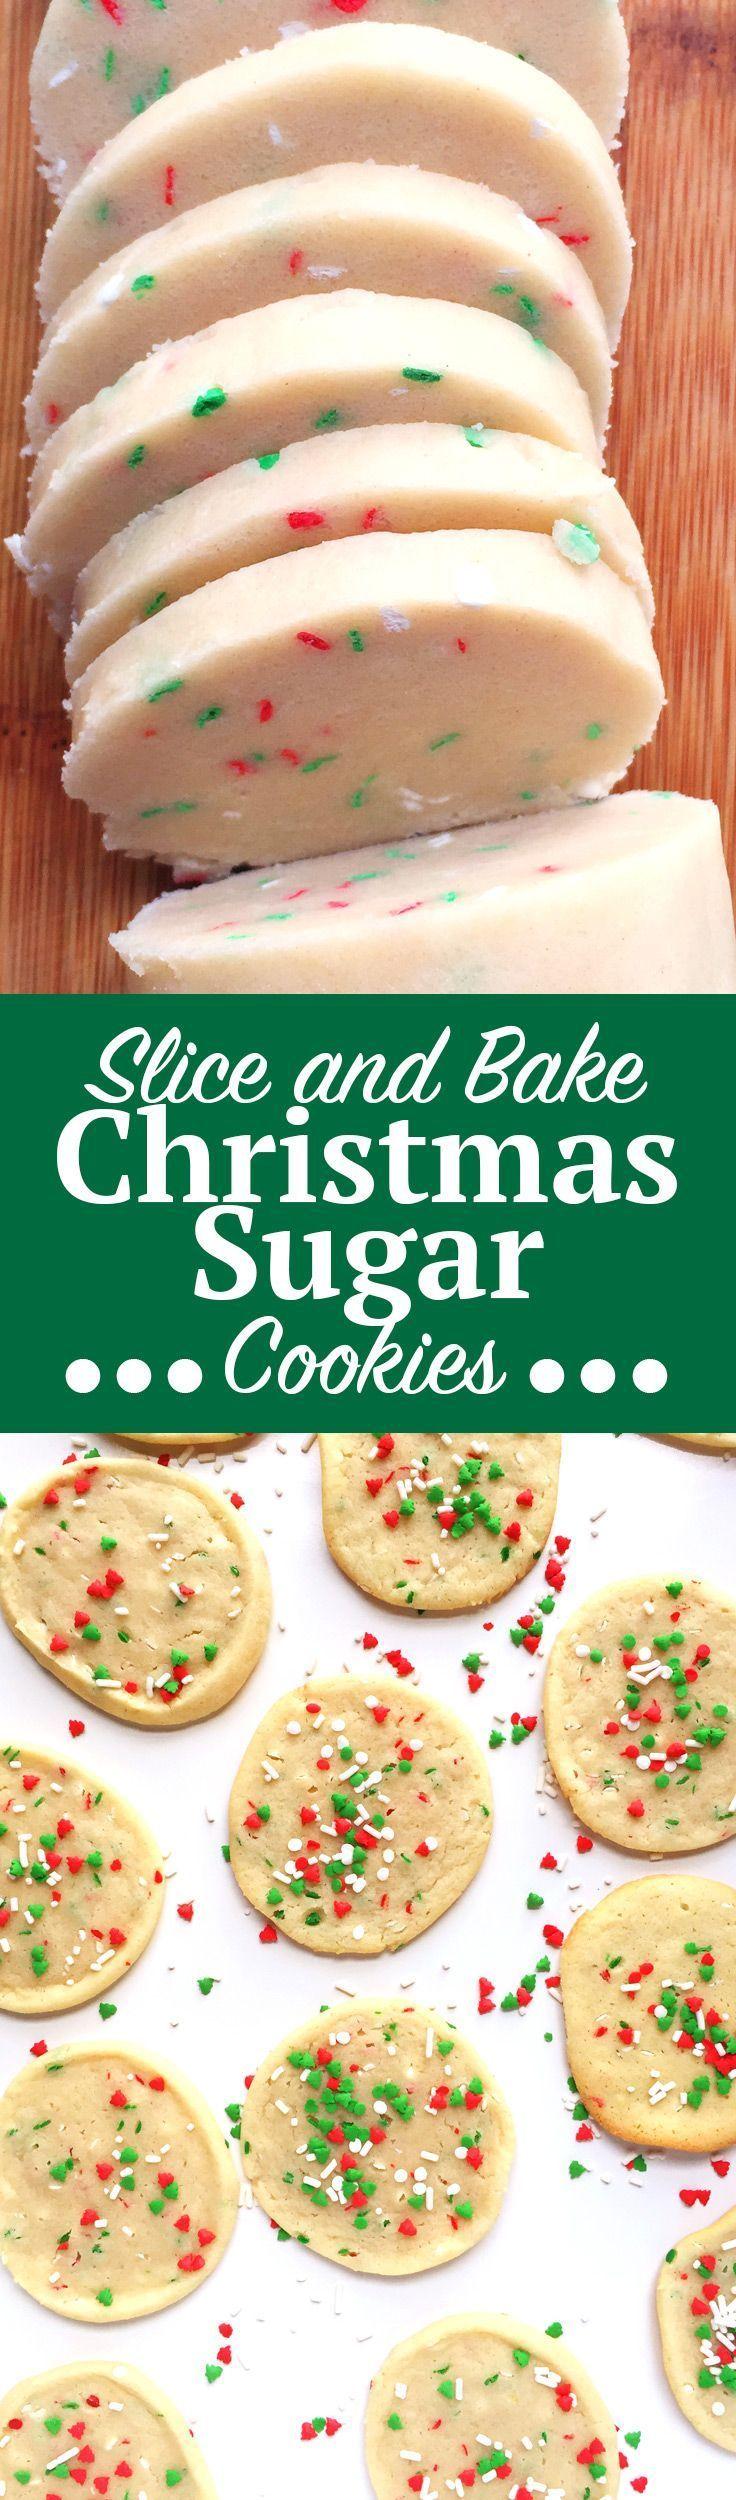 Slice and Bake Christmas Sugar Cookies